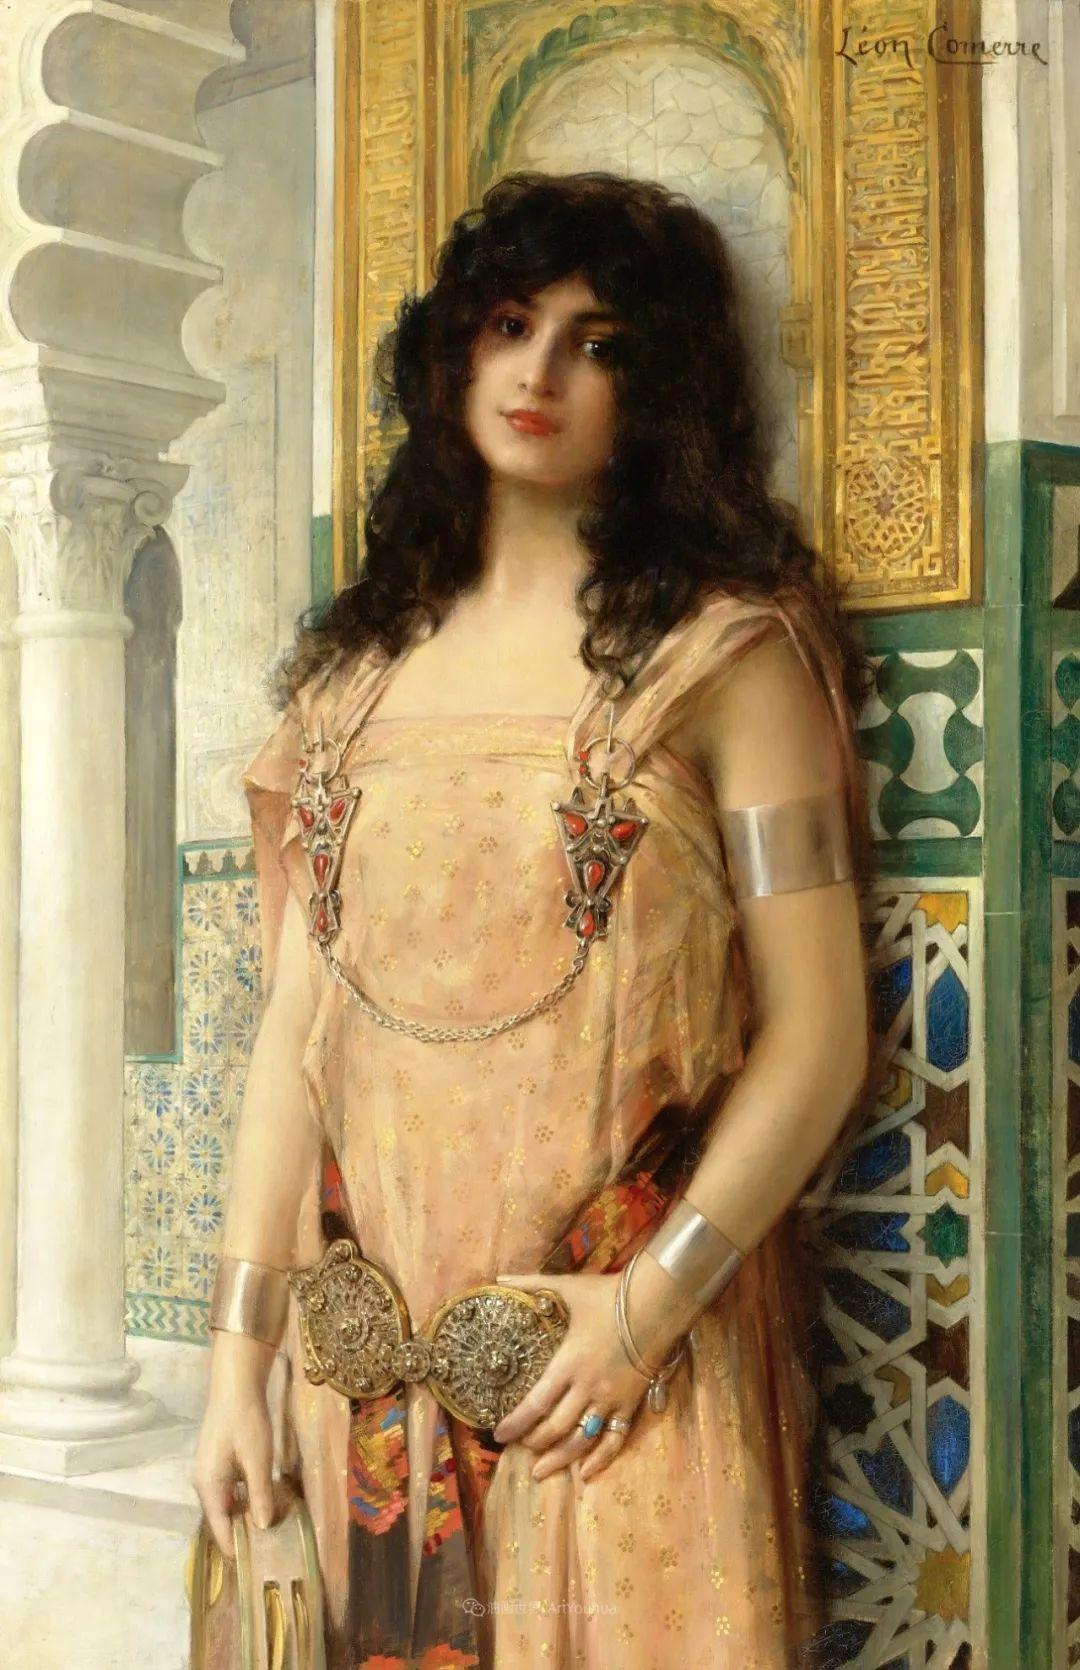 法国学院派画家科默尔,笔下的美丽女性插图39